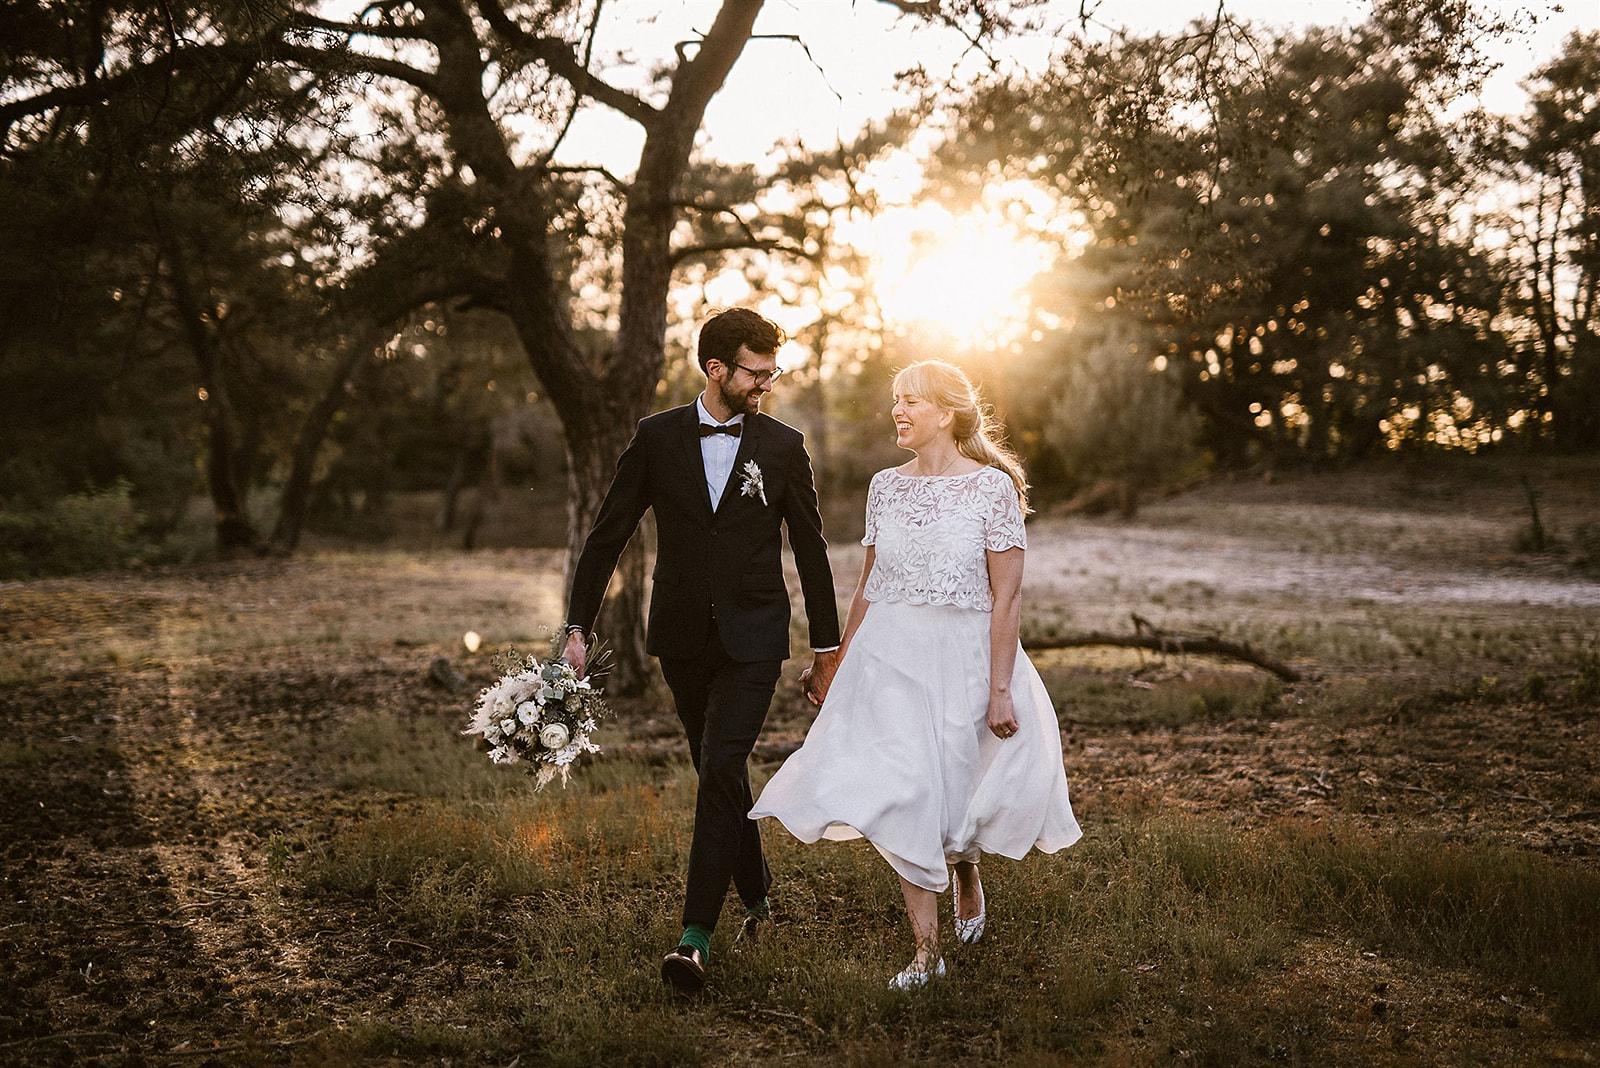 Brautpaar händchenhaltend, schwungvoll spazierend auf Wiese